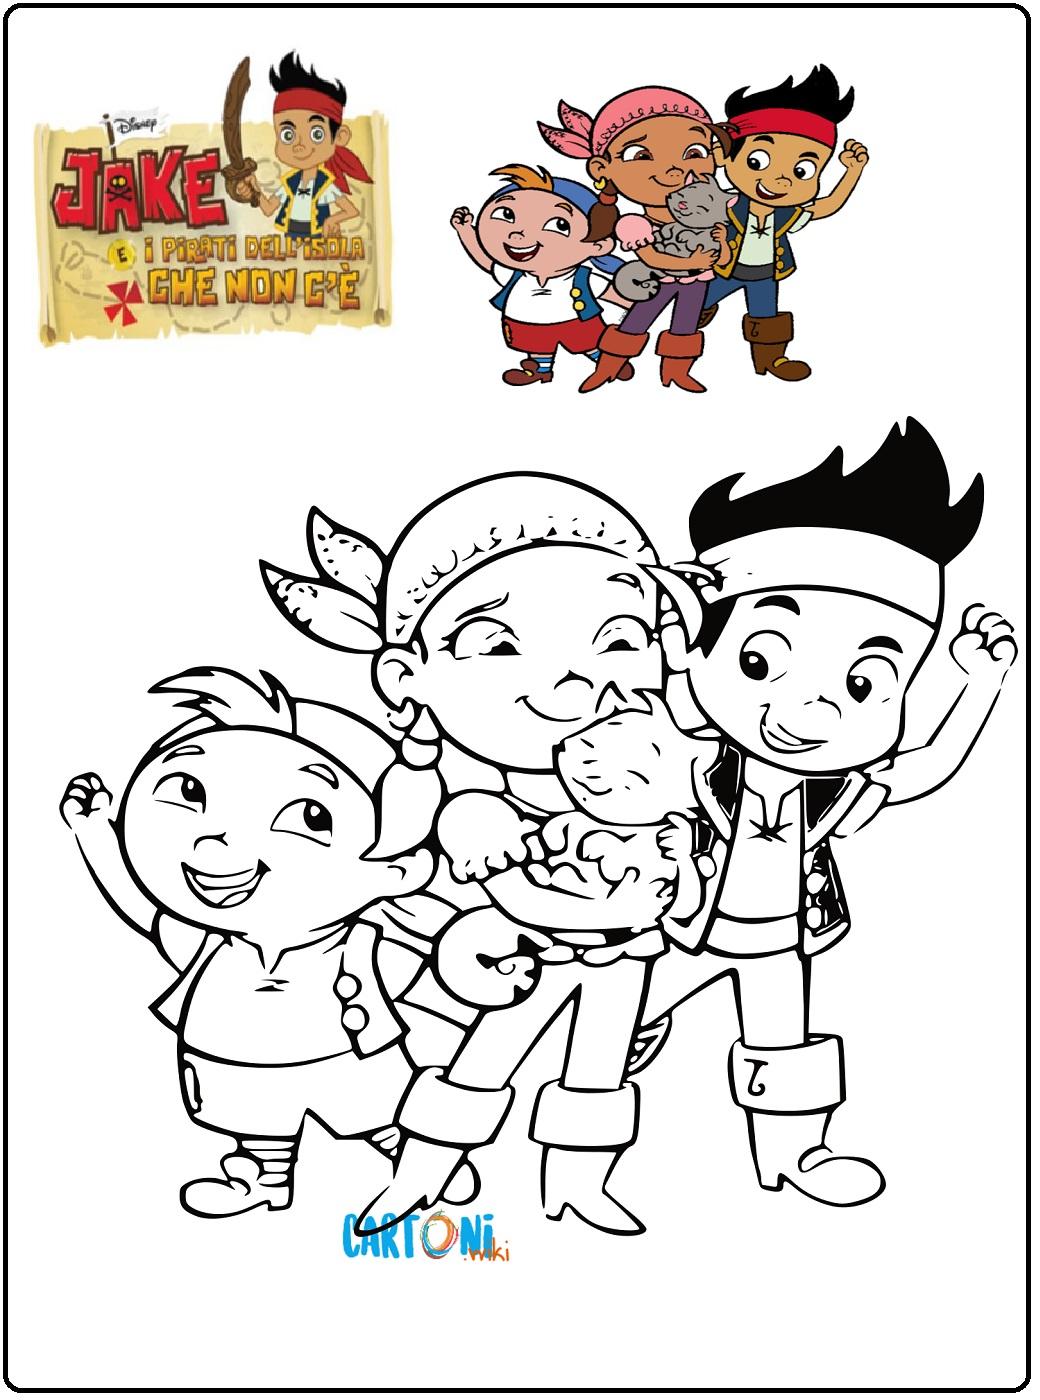 Colora la ciurma dei pirati di Jake - Cartoni animati